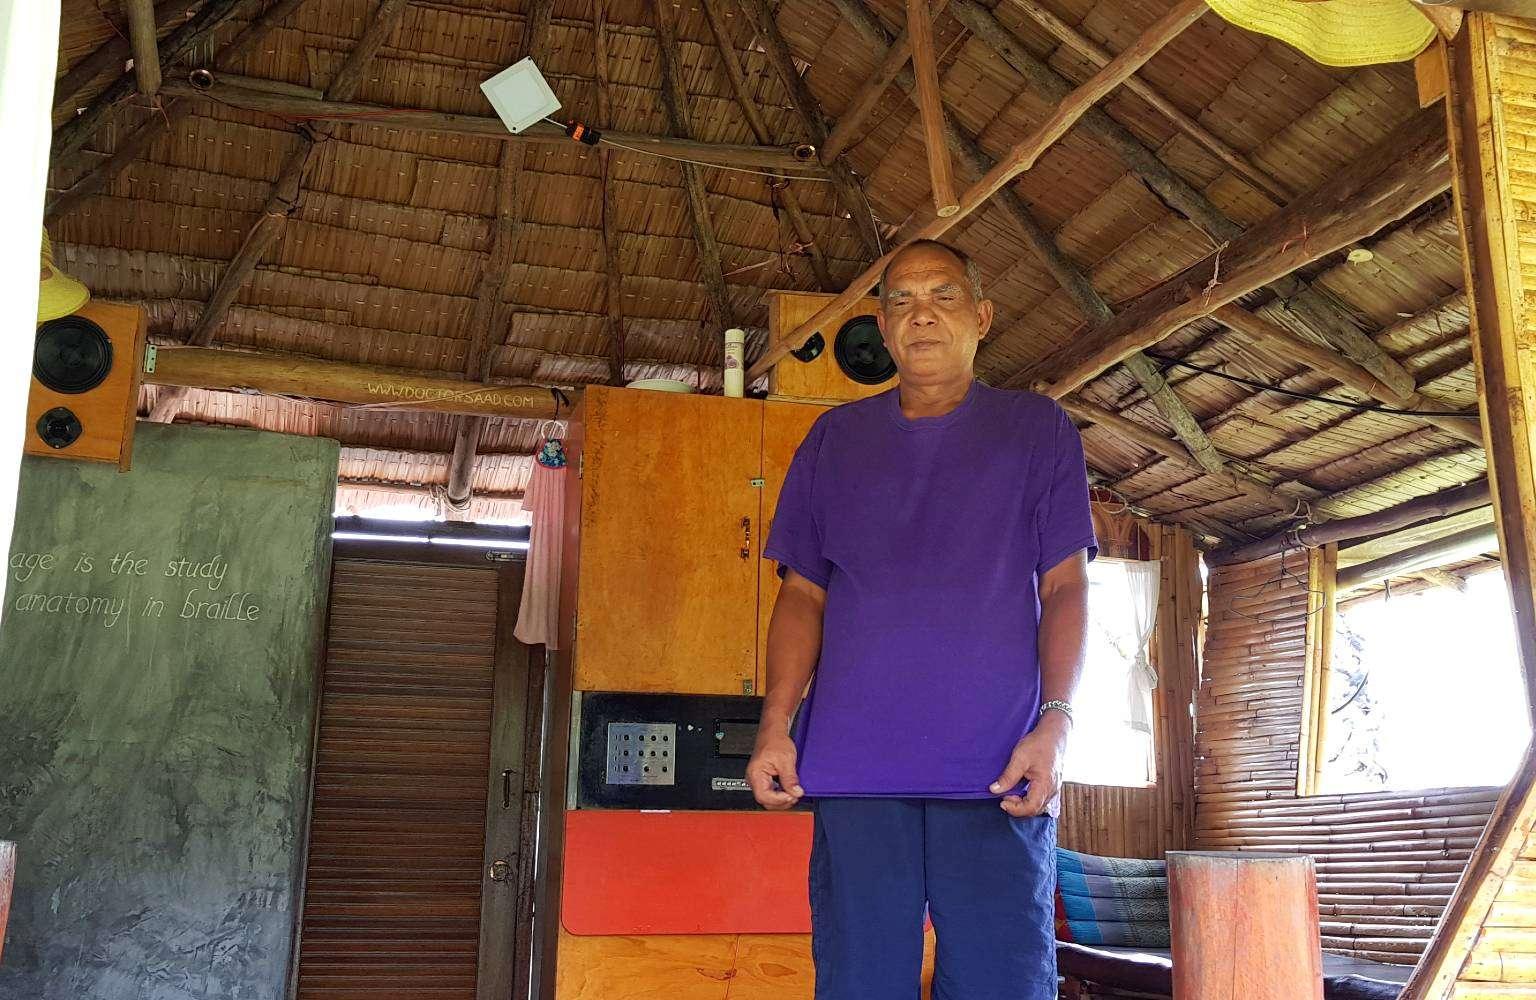 Dr. Saad medical masseur in de opening van zijn bungalow in Koh Yao Yai